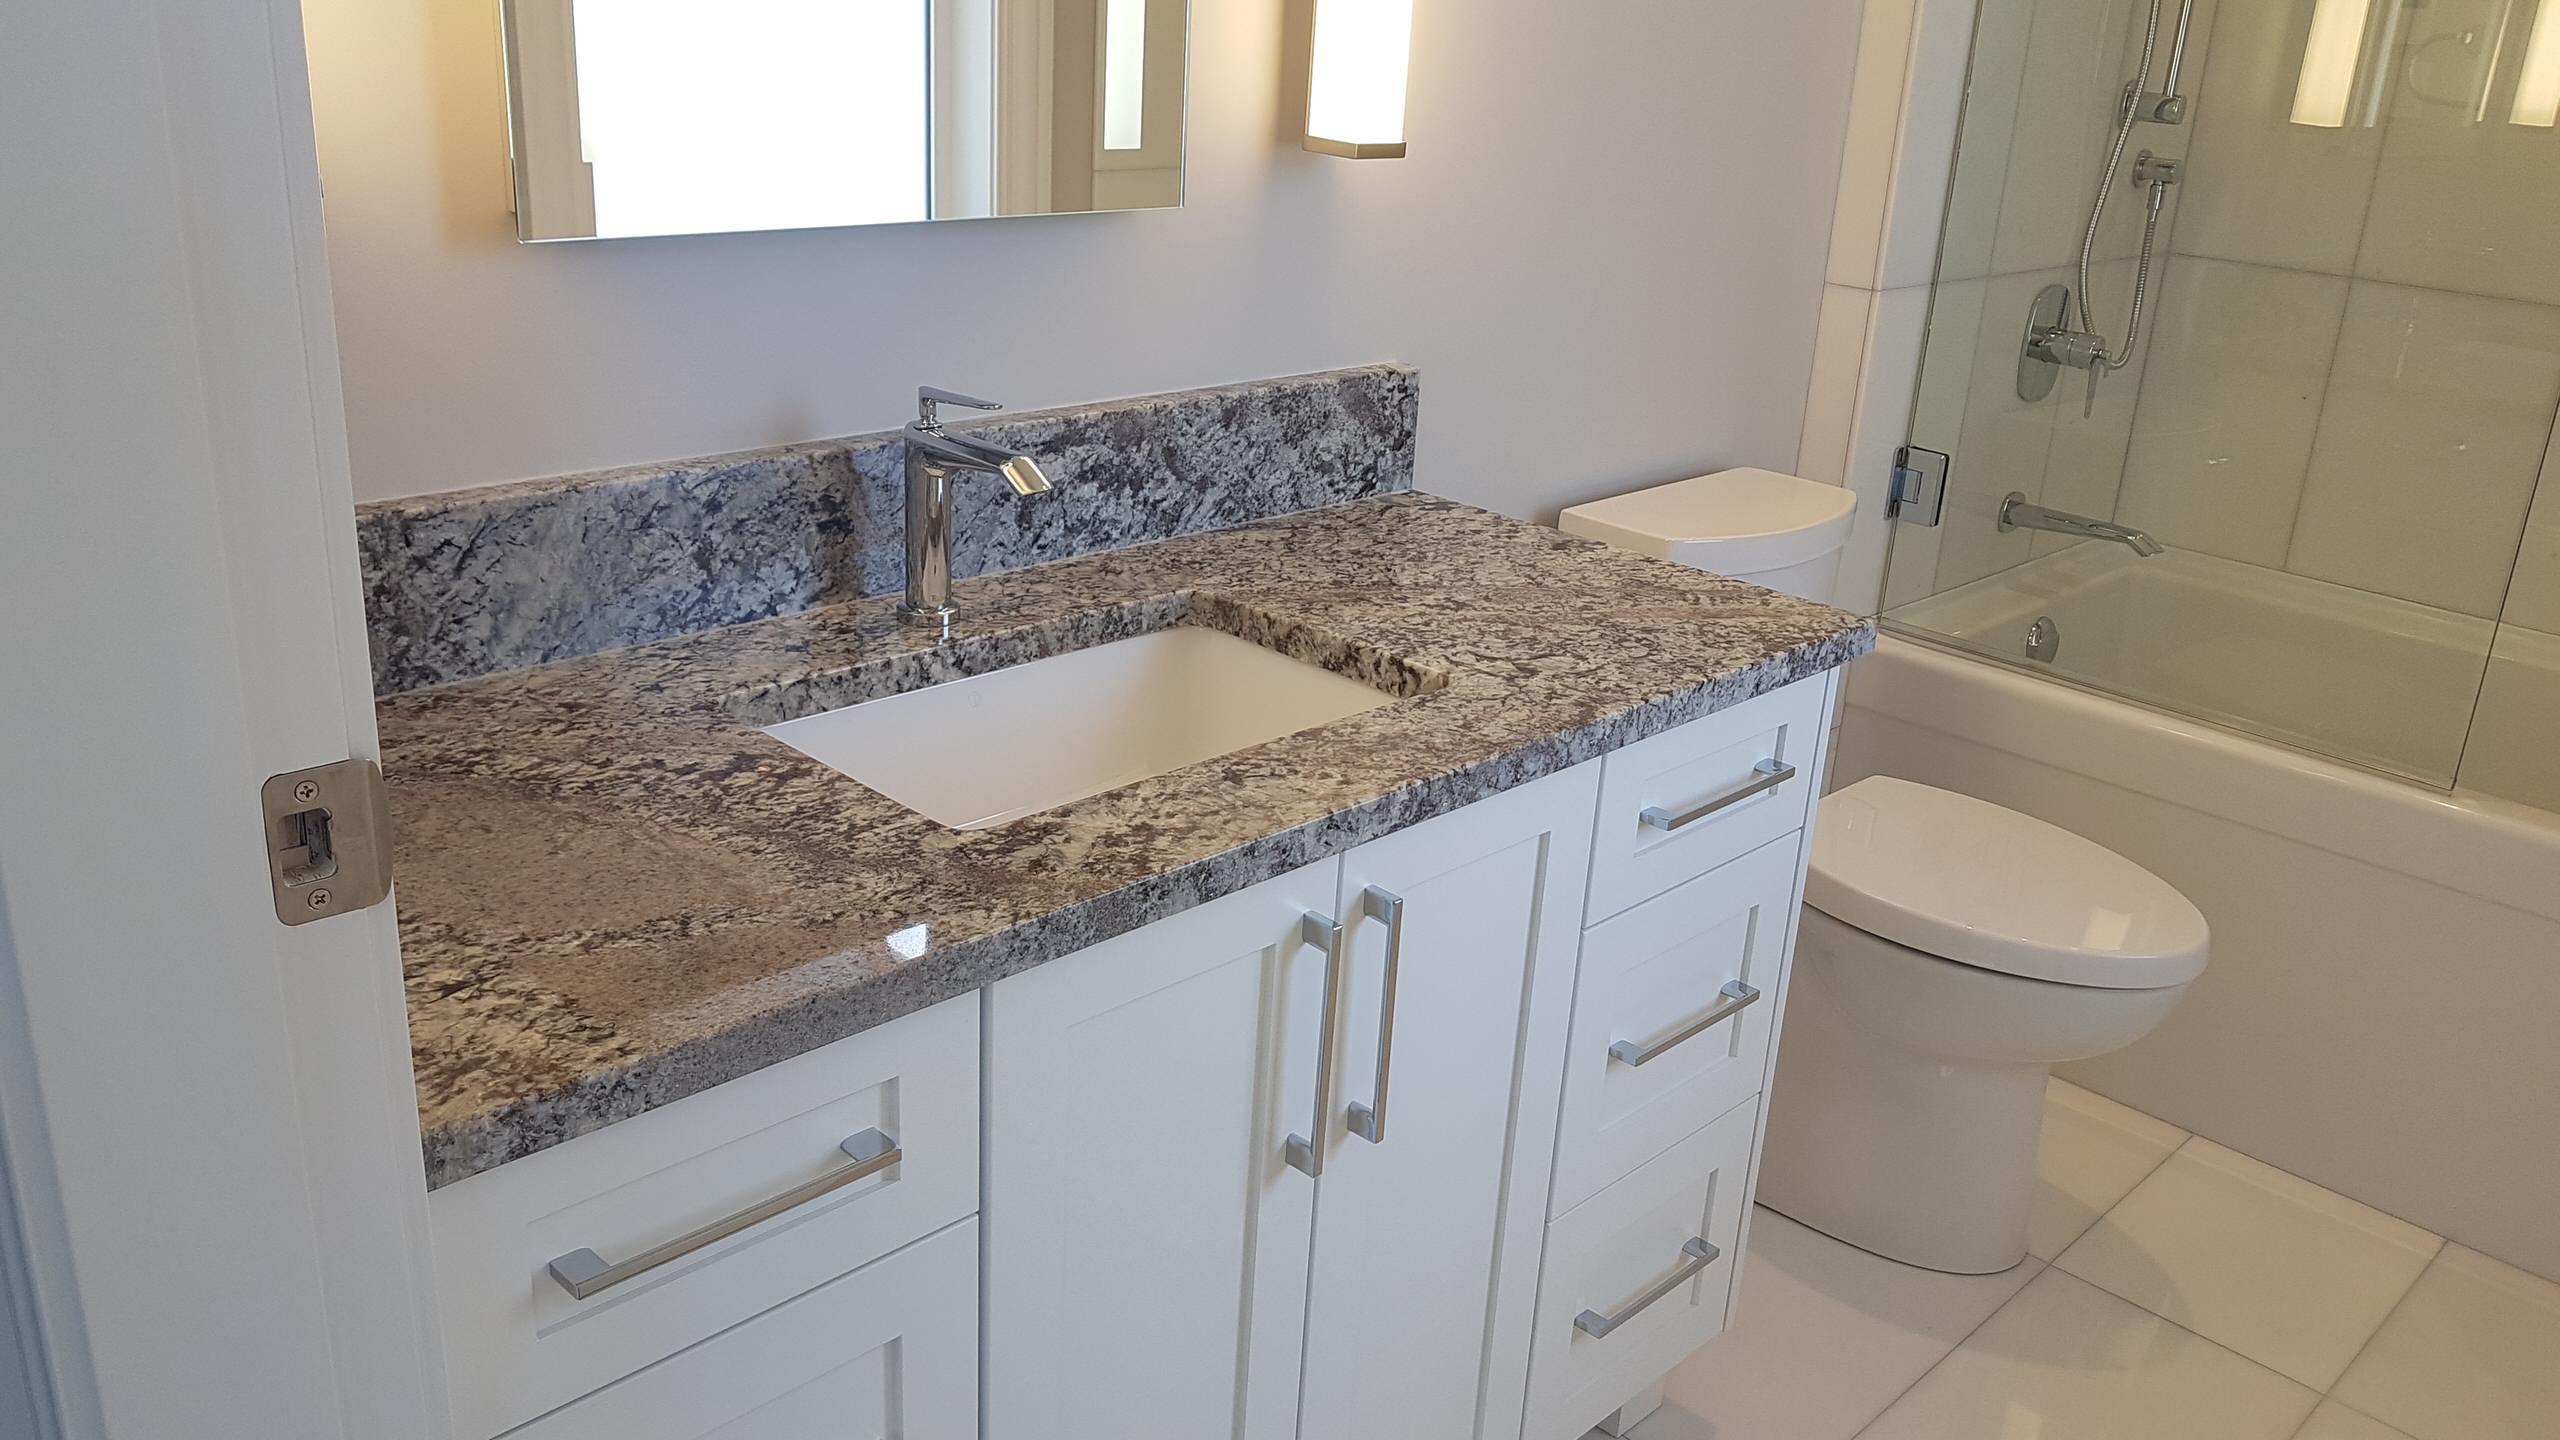 New Azul Aran Granite Vanity Countertop